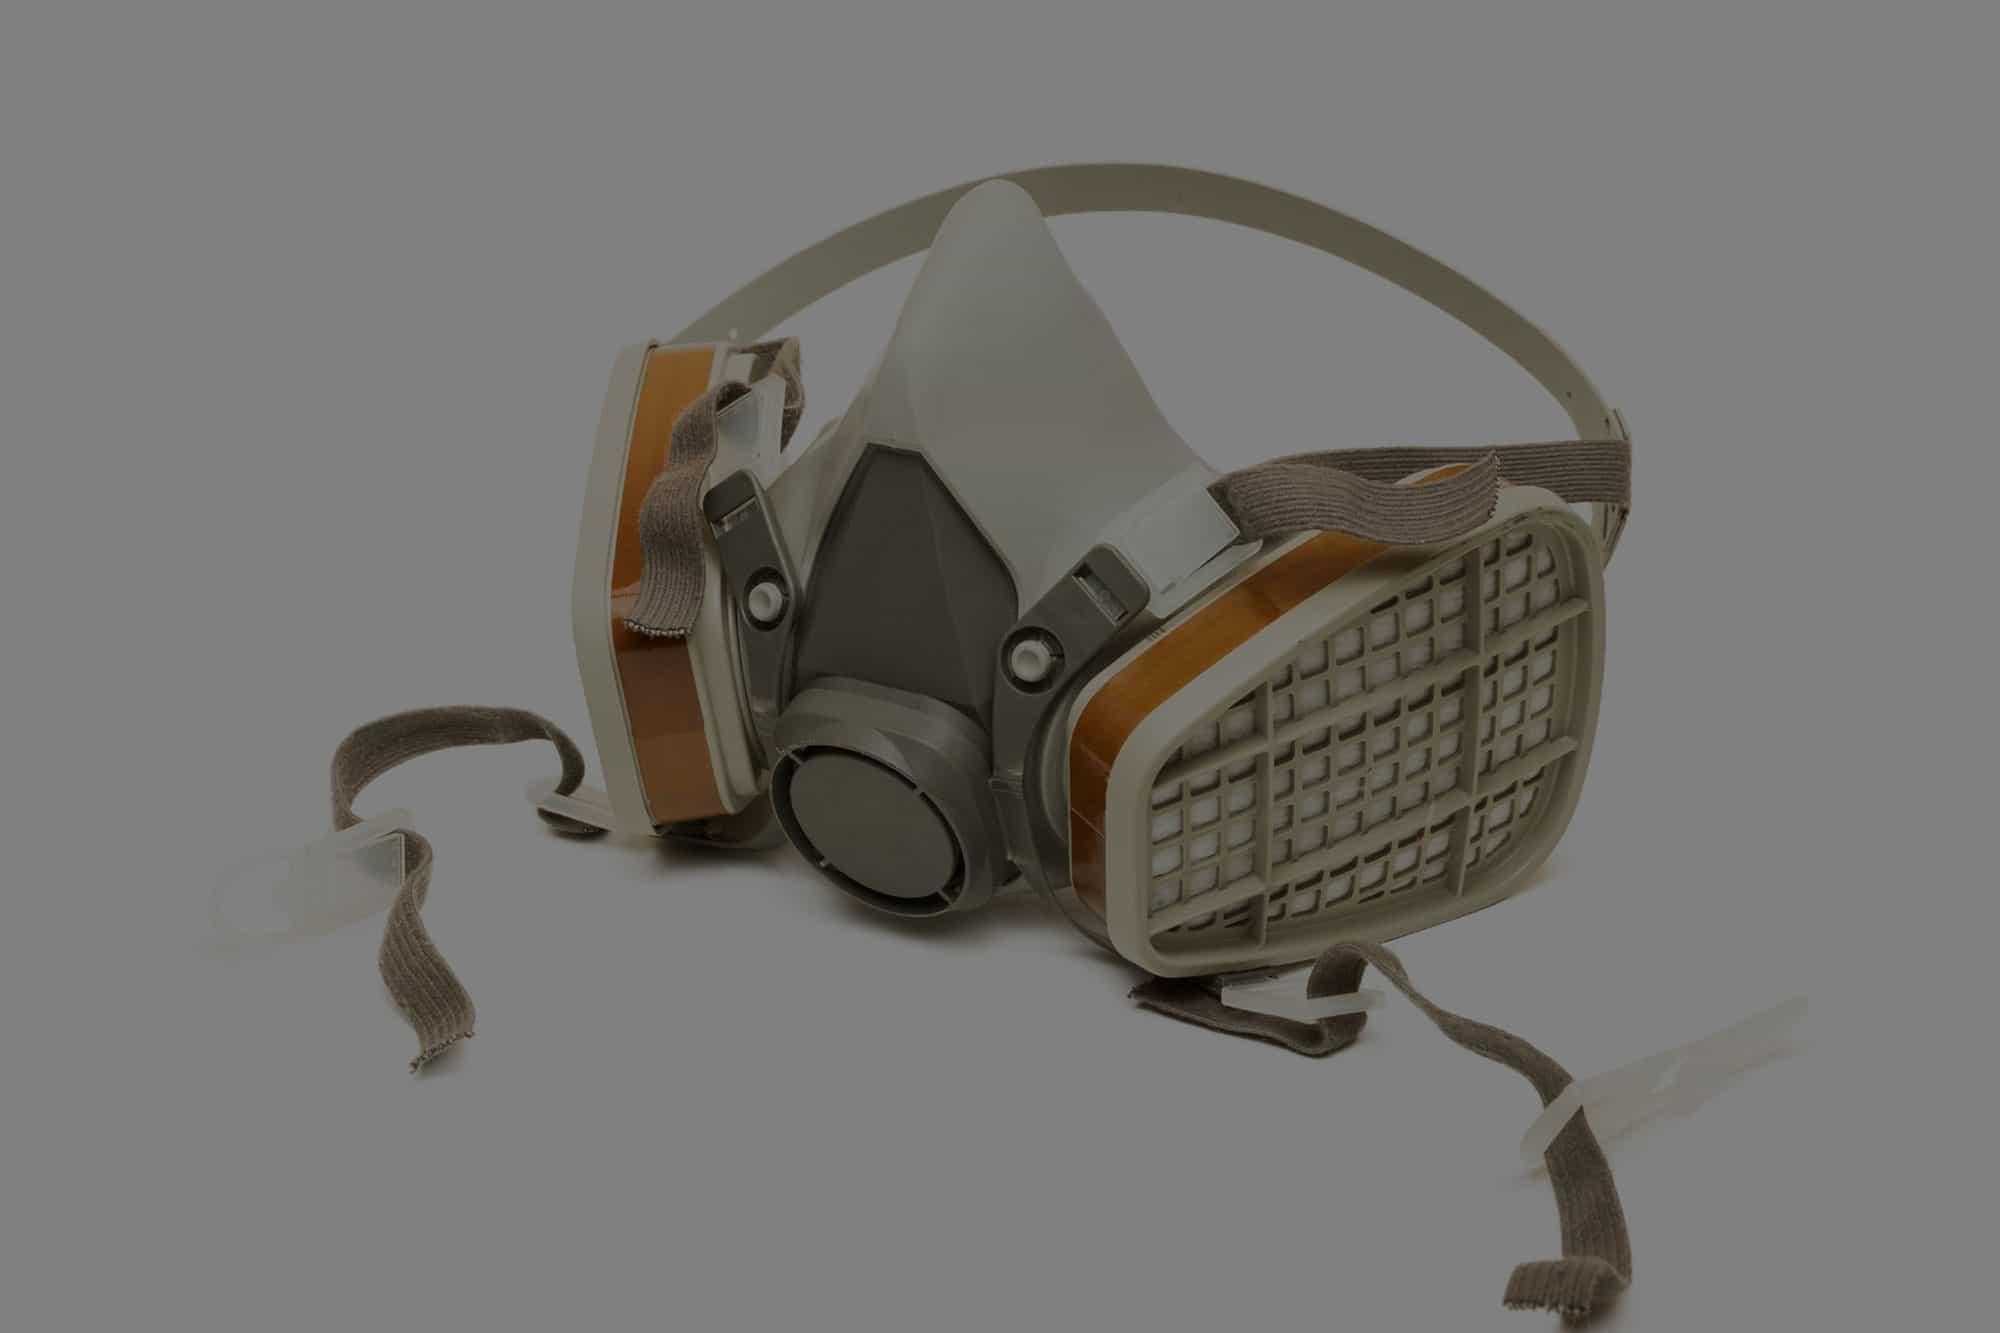 Materiel-Protection-Restpiratoire-Masque-Securite-01